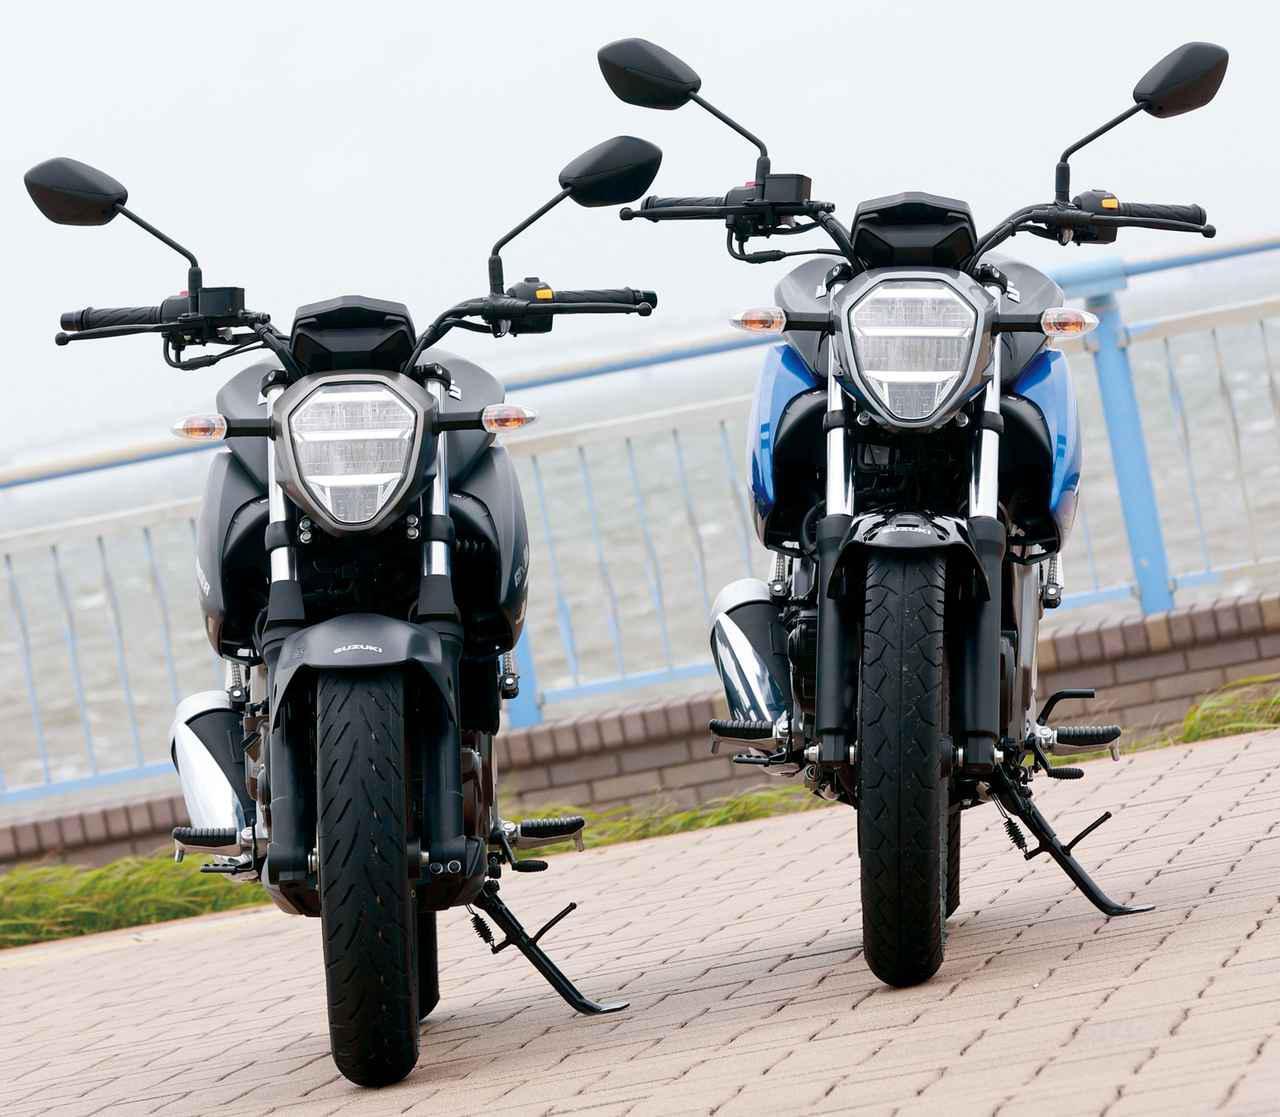 画像: 街でスズキ・ジクサーを見かけたときの「150」と「250」の見極め方【各部装備・ディテール解説】 - webオートバイ